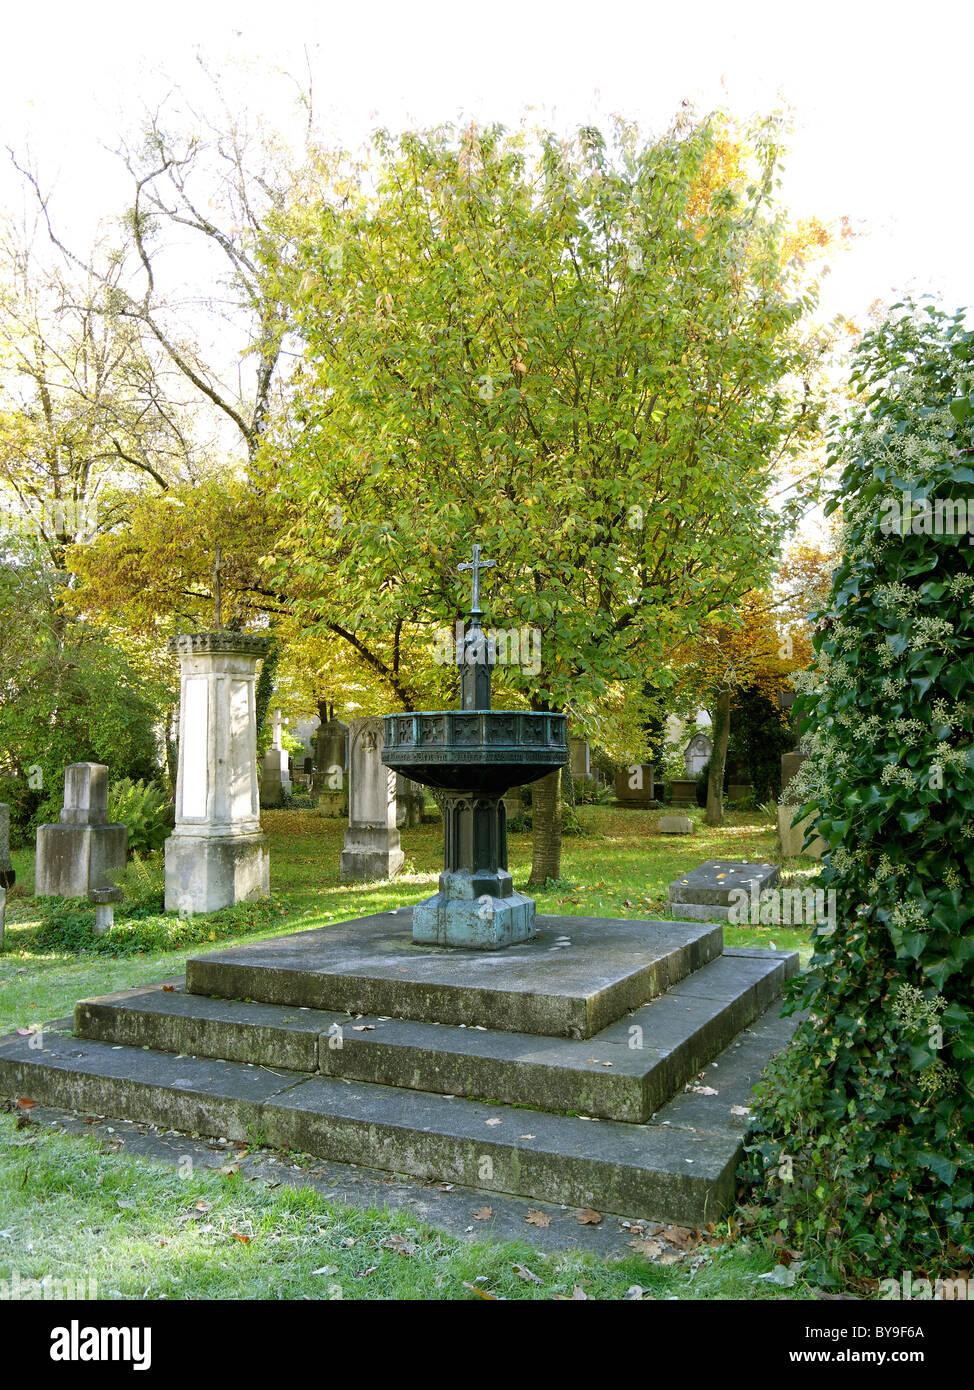 Monumento a las víctimas de la masacre de Sendling el día de Navidad, 1705, Sur de cementerio, Alta Baviera Munich, Baviera Foto de stock